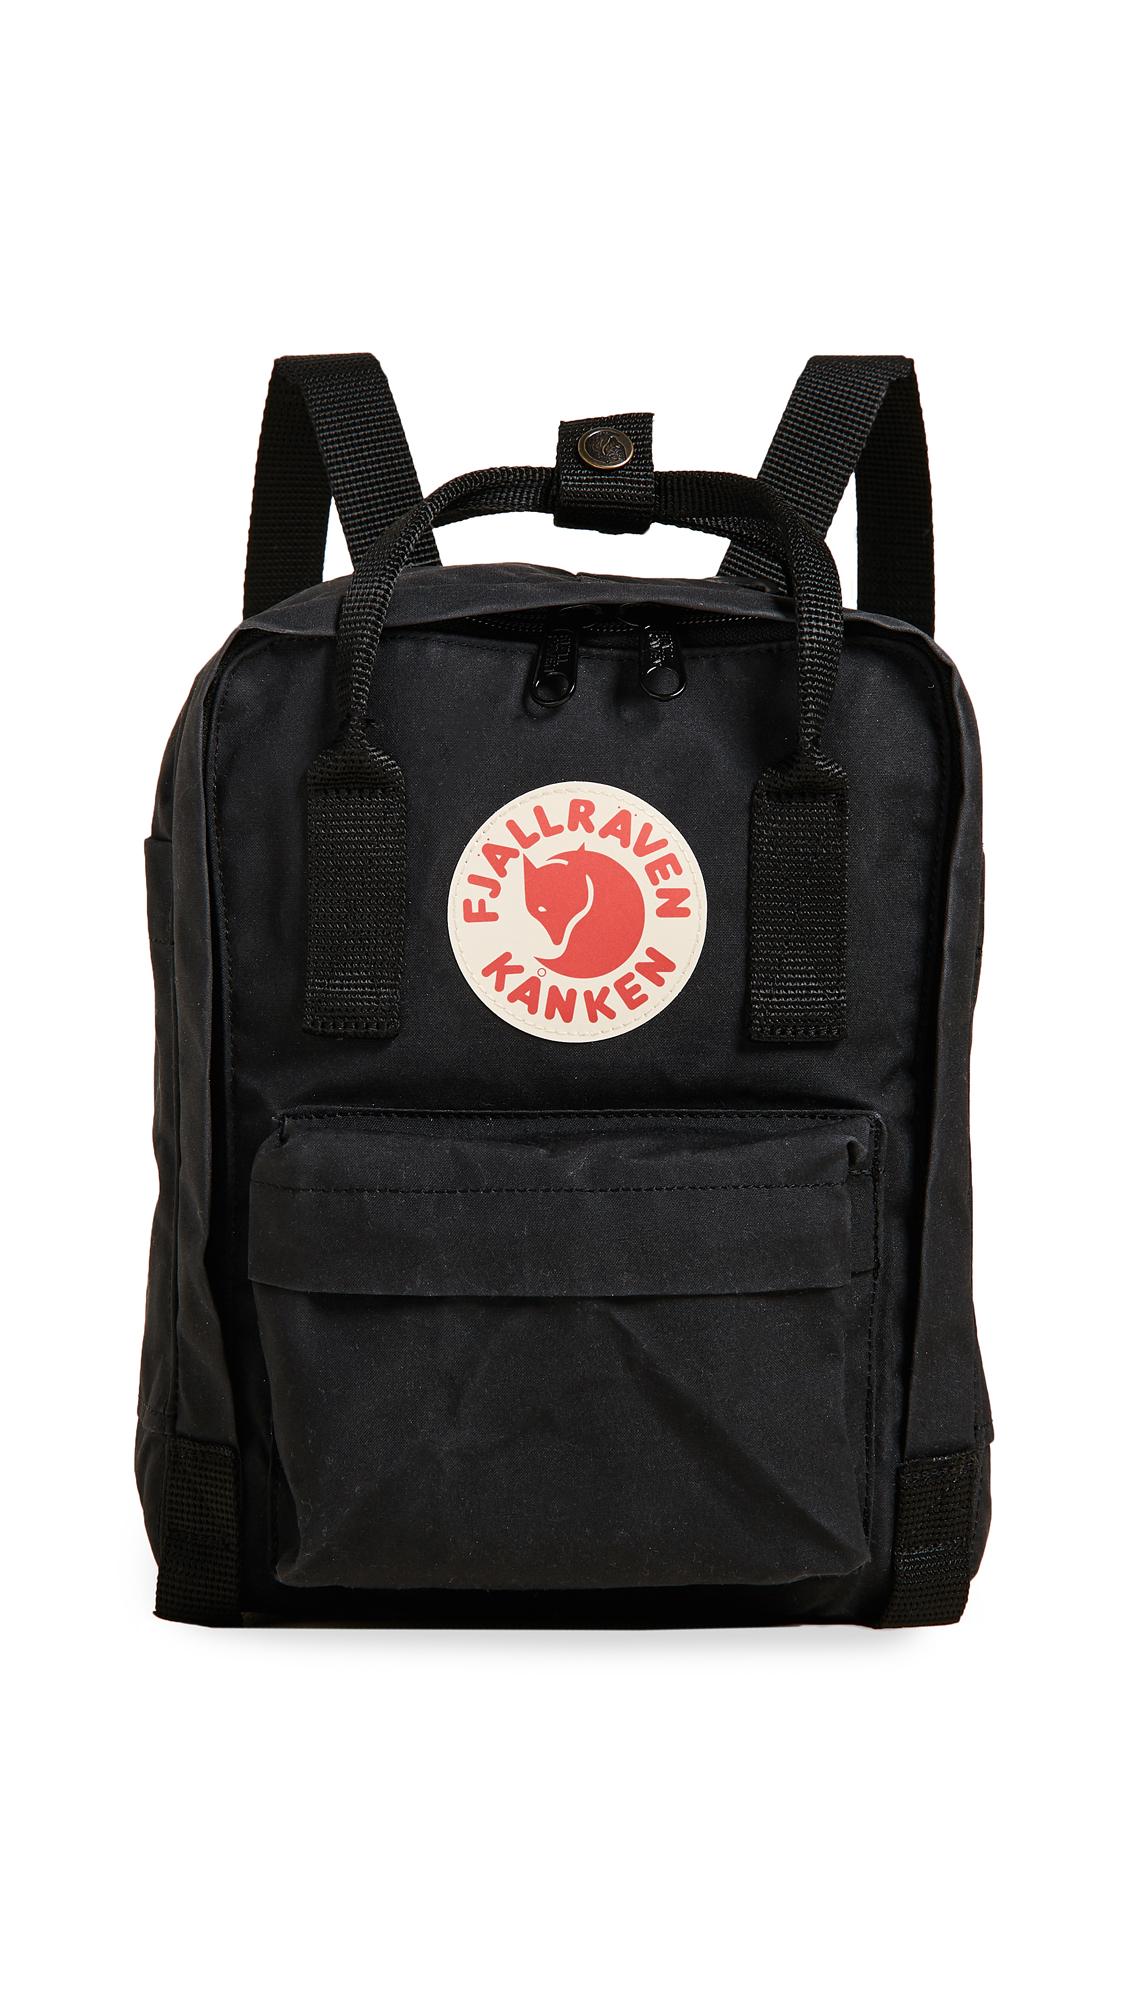 Fjallraven Kanken Mini Backpack - Black